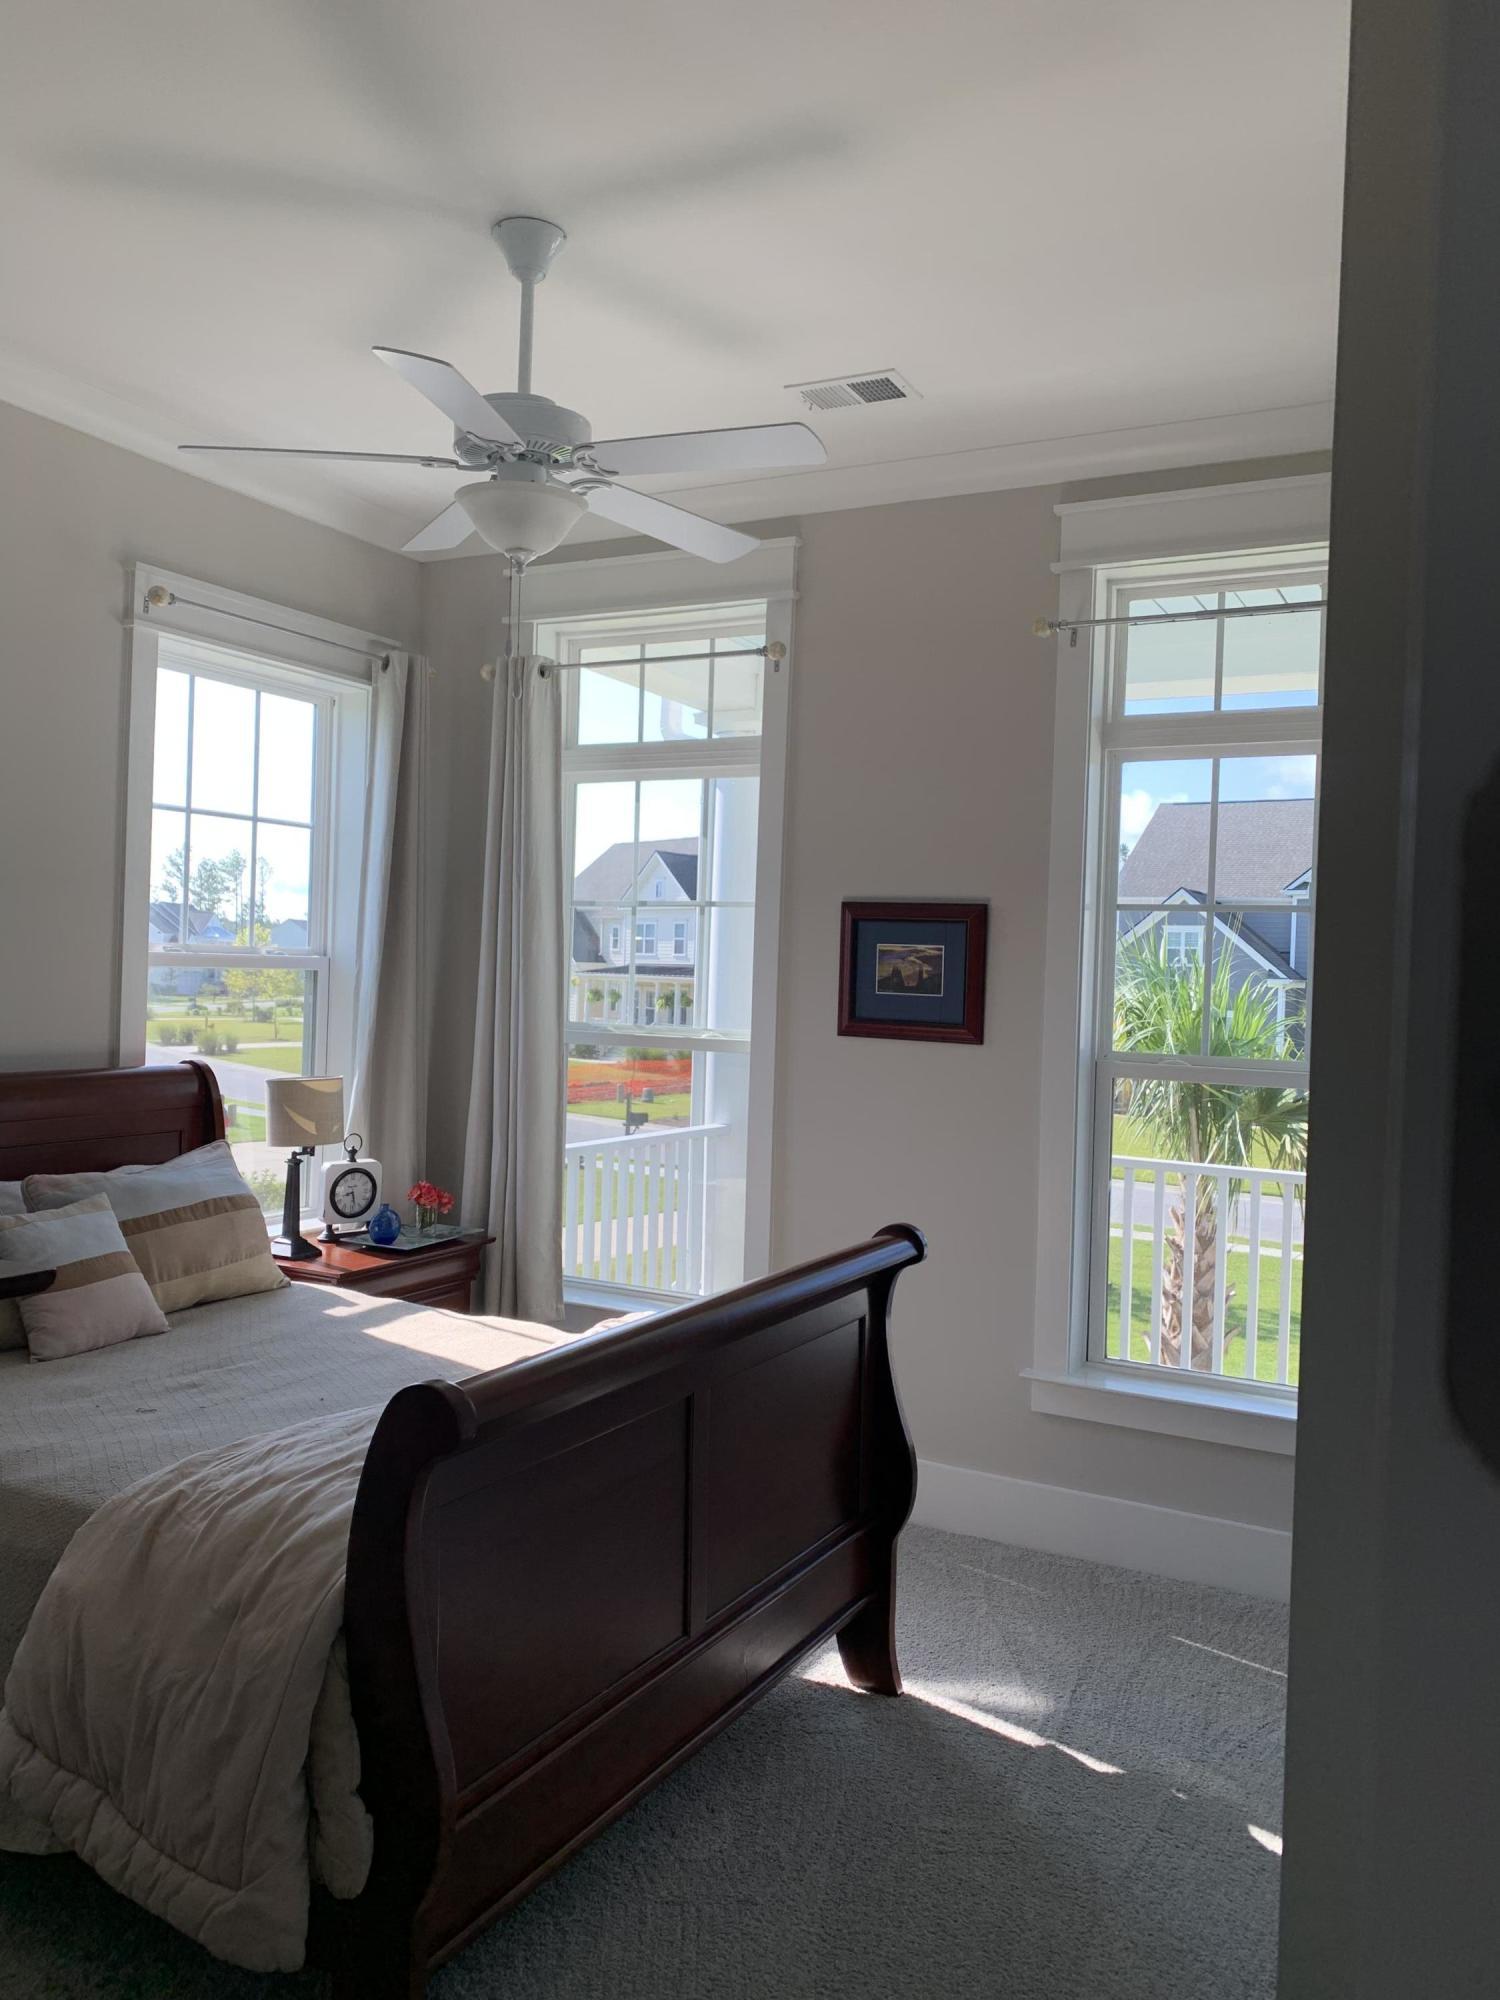 Dunes West Homes For Sale - 2892 River Vista Way, Mount Pleasant, SC - 7